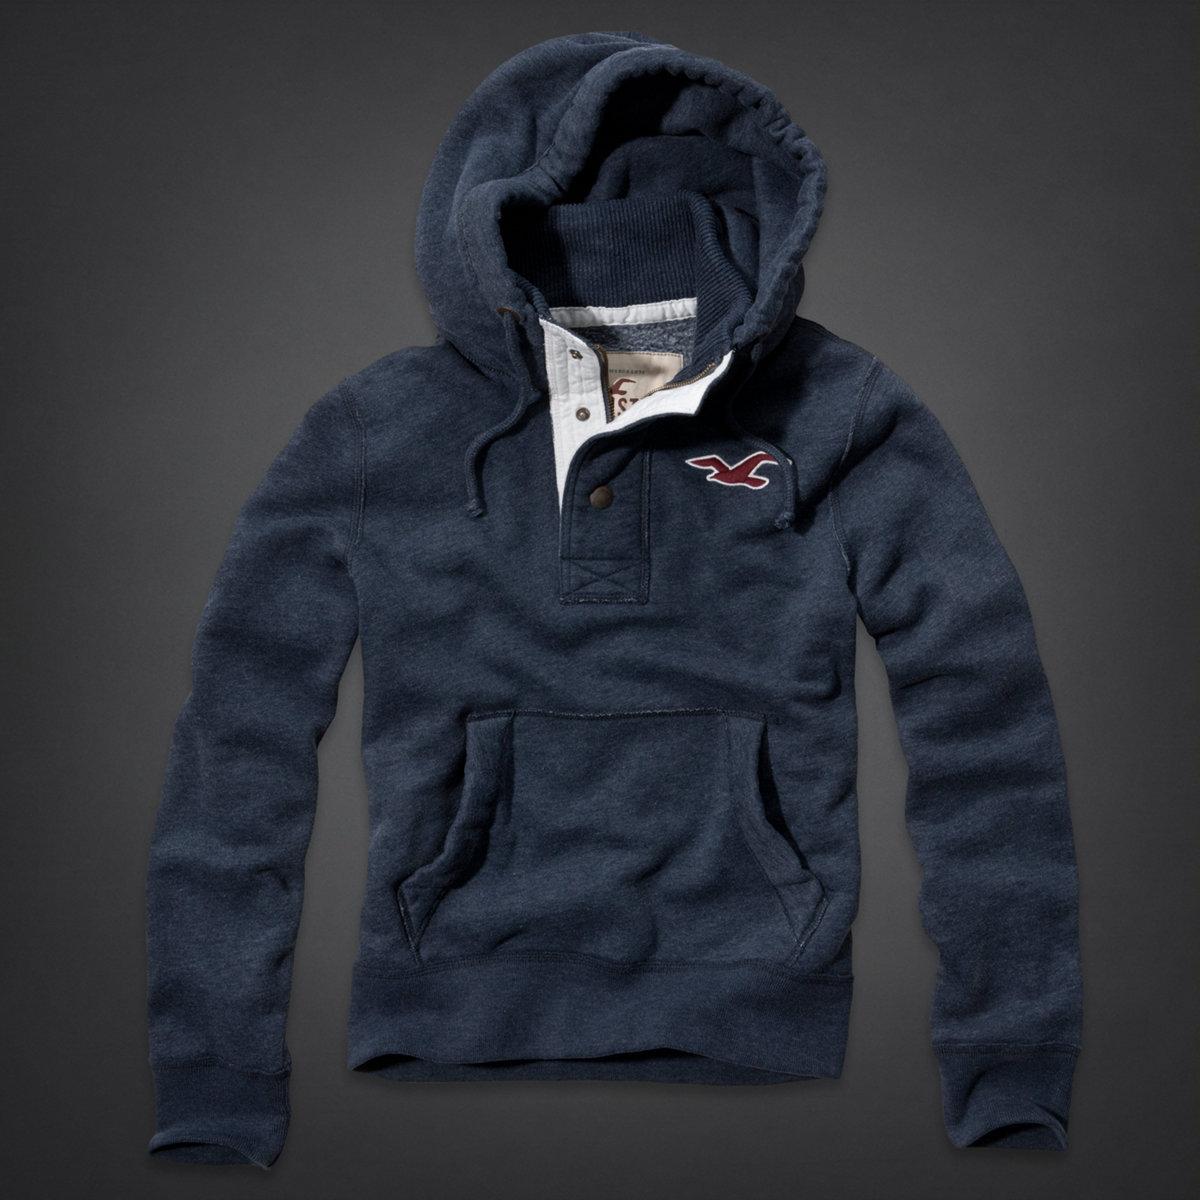 美國百分百【全新真品】Hollister Co. 帽T HCO 長袖 T-shirt 連帽外套 海鷗 刷毛 厚 保暖 男 L號 E090